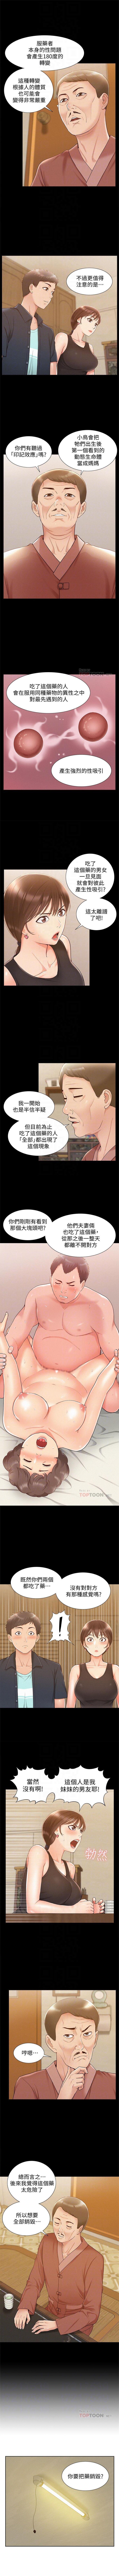 (週4)難言之隱 1-24 中文翻譯(更新中) 94